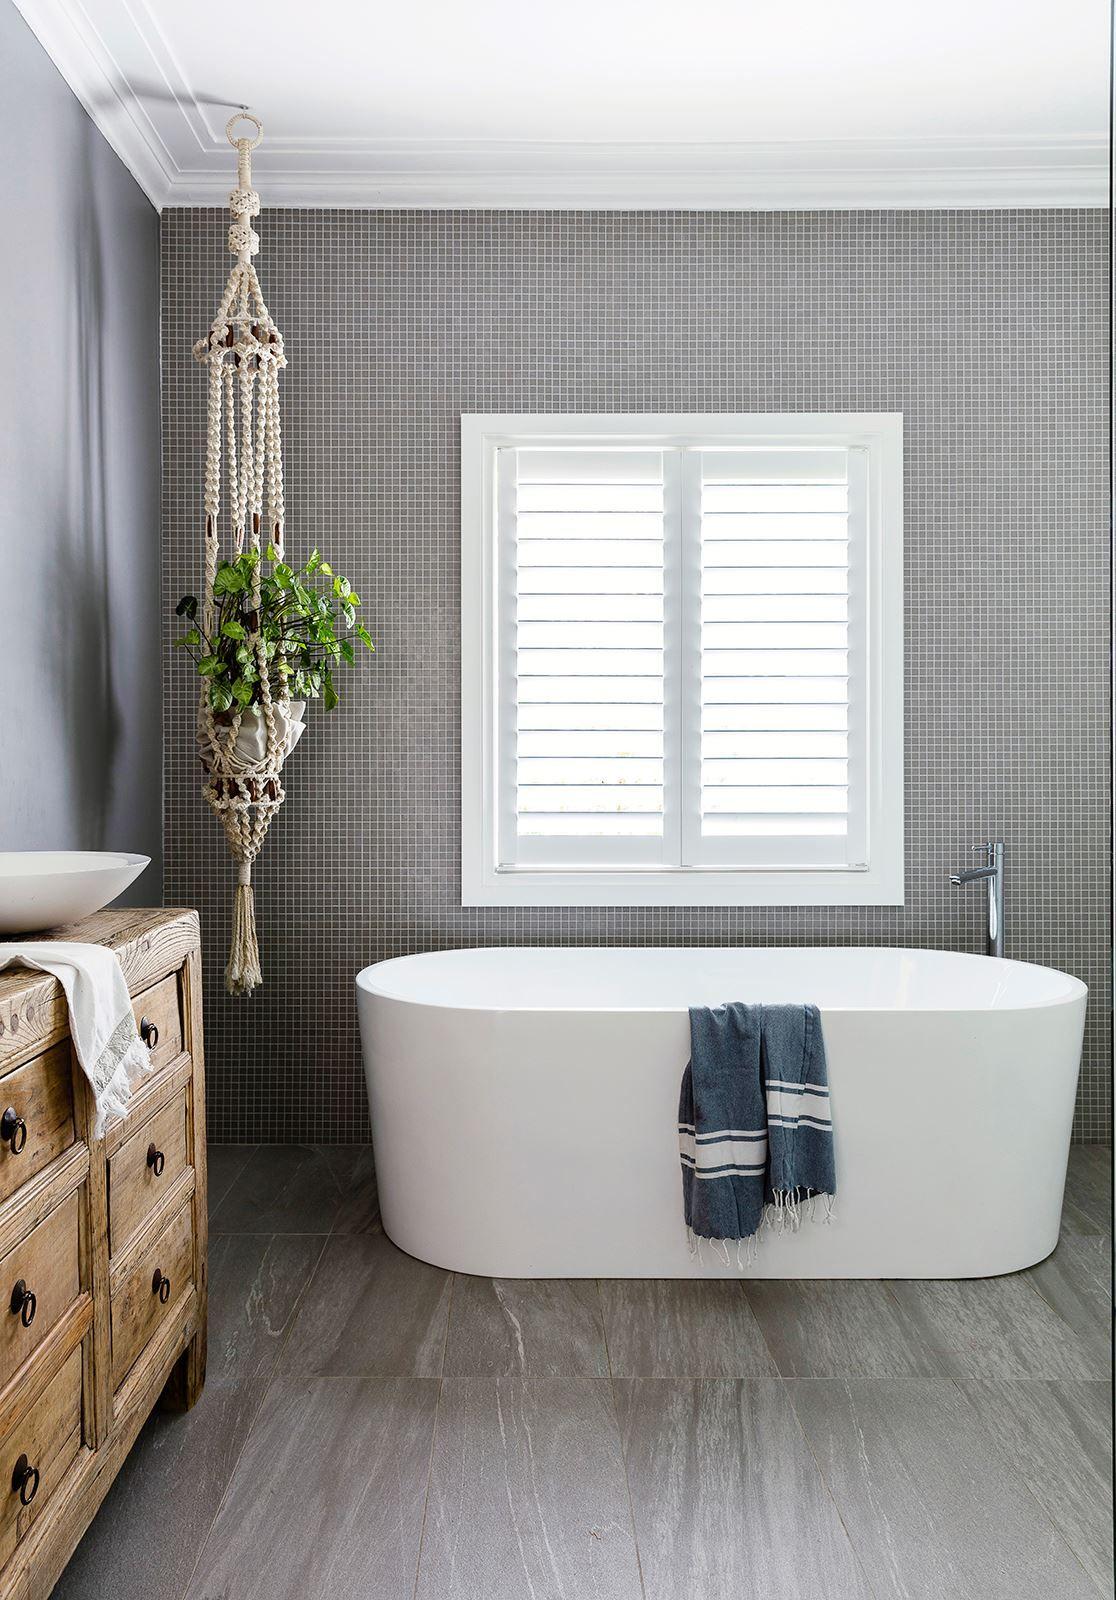 Serene interiors create beach house bliss | Bathroom fixtures ...